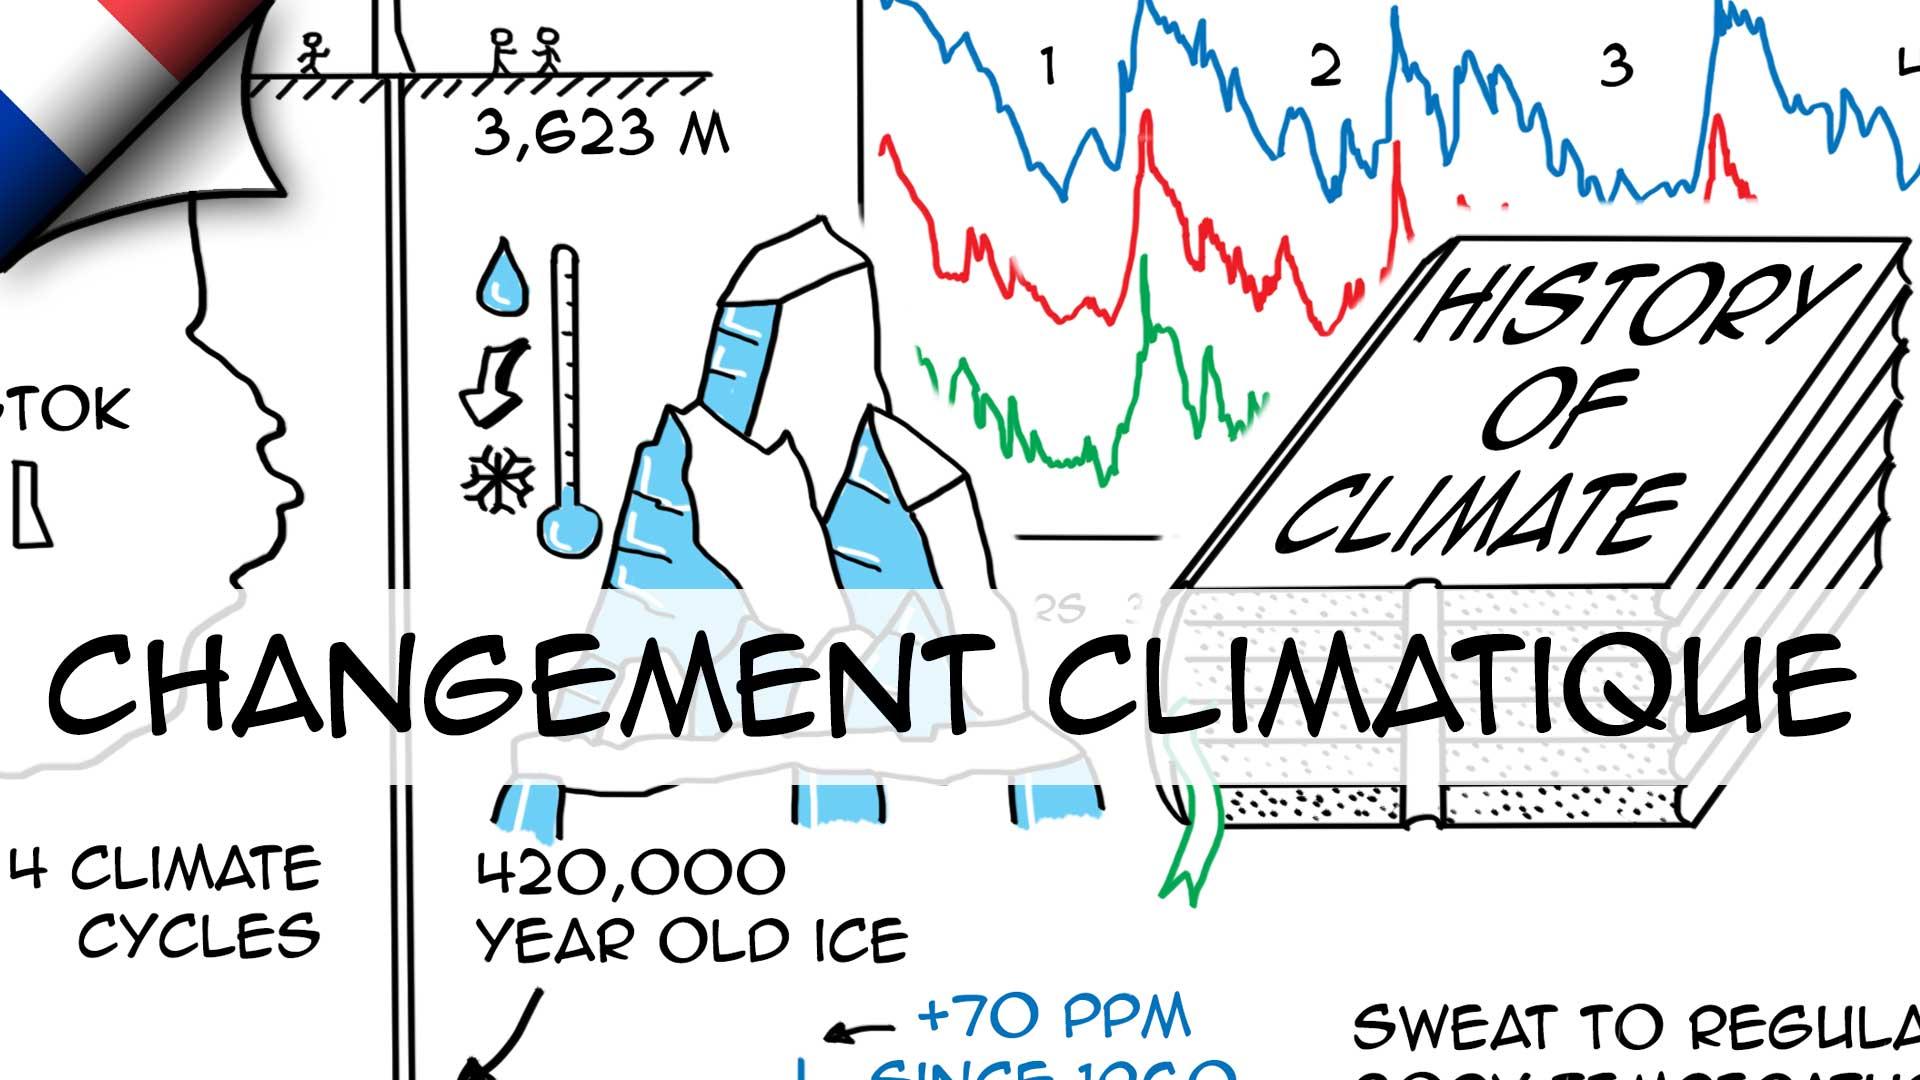 Changement climatique : les faits pour comprendre